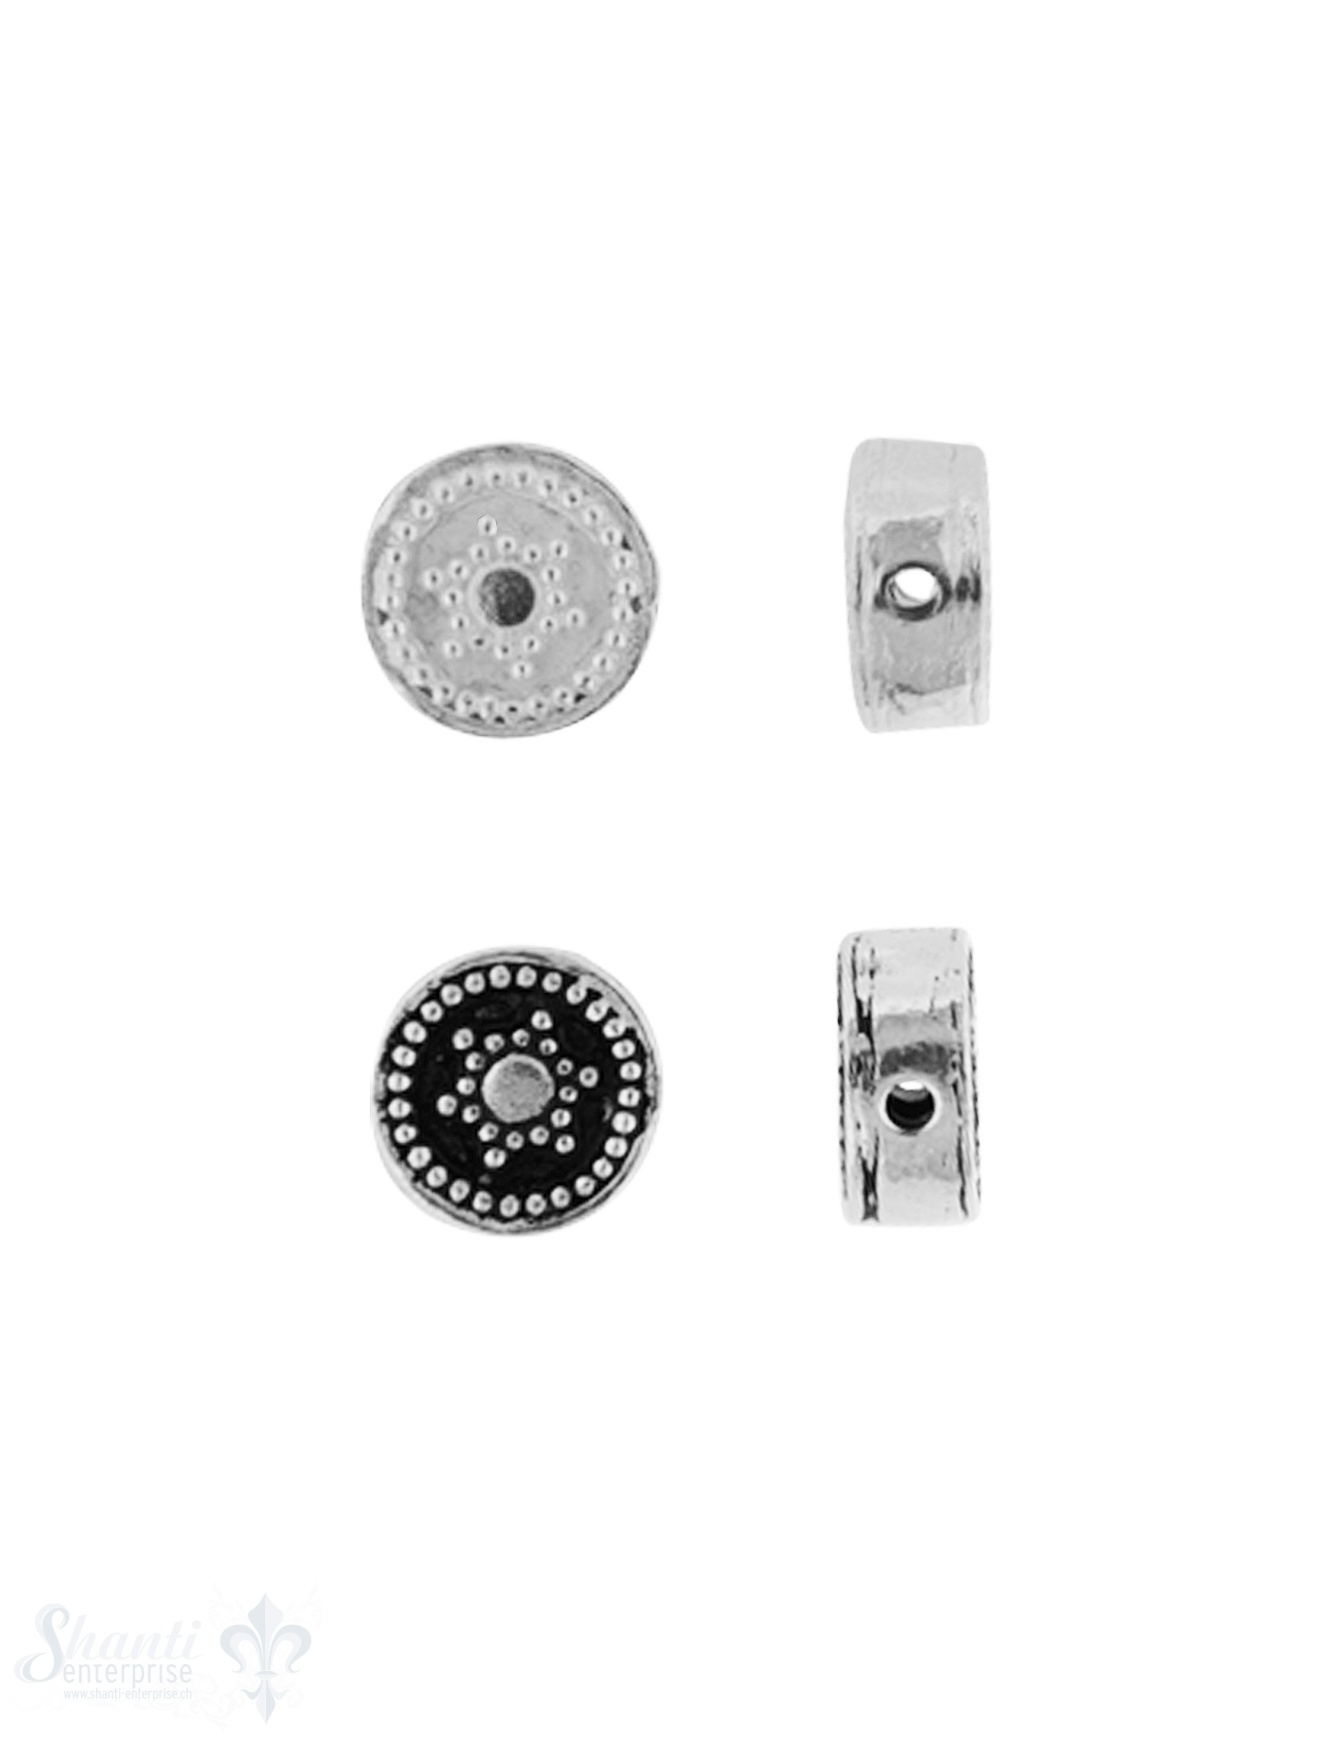 Zwischenteil Silber Rondelle mit Blume Stern 8 mm Dicke 4.2 mm Loch 1.3 mm Pack = 3 Stk.